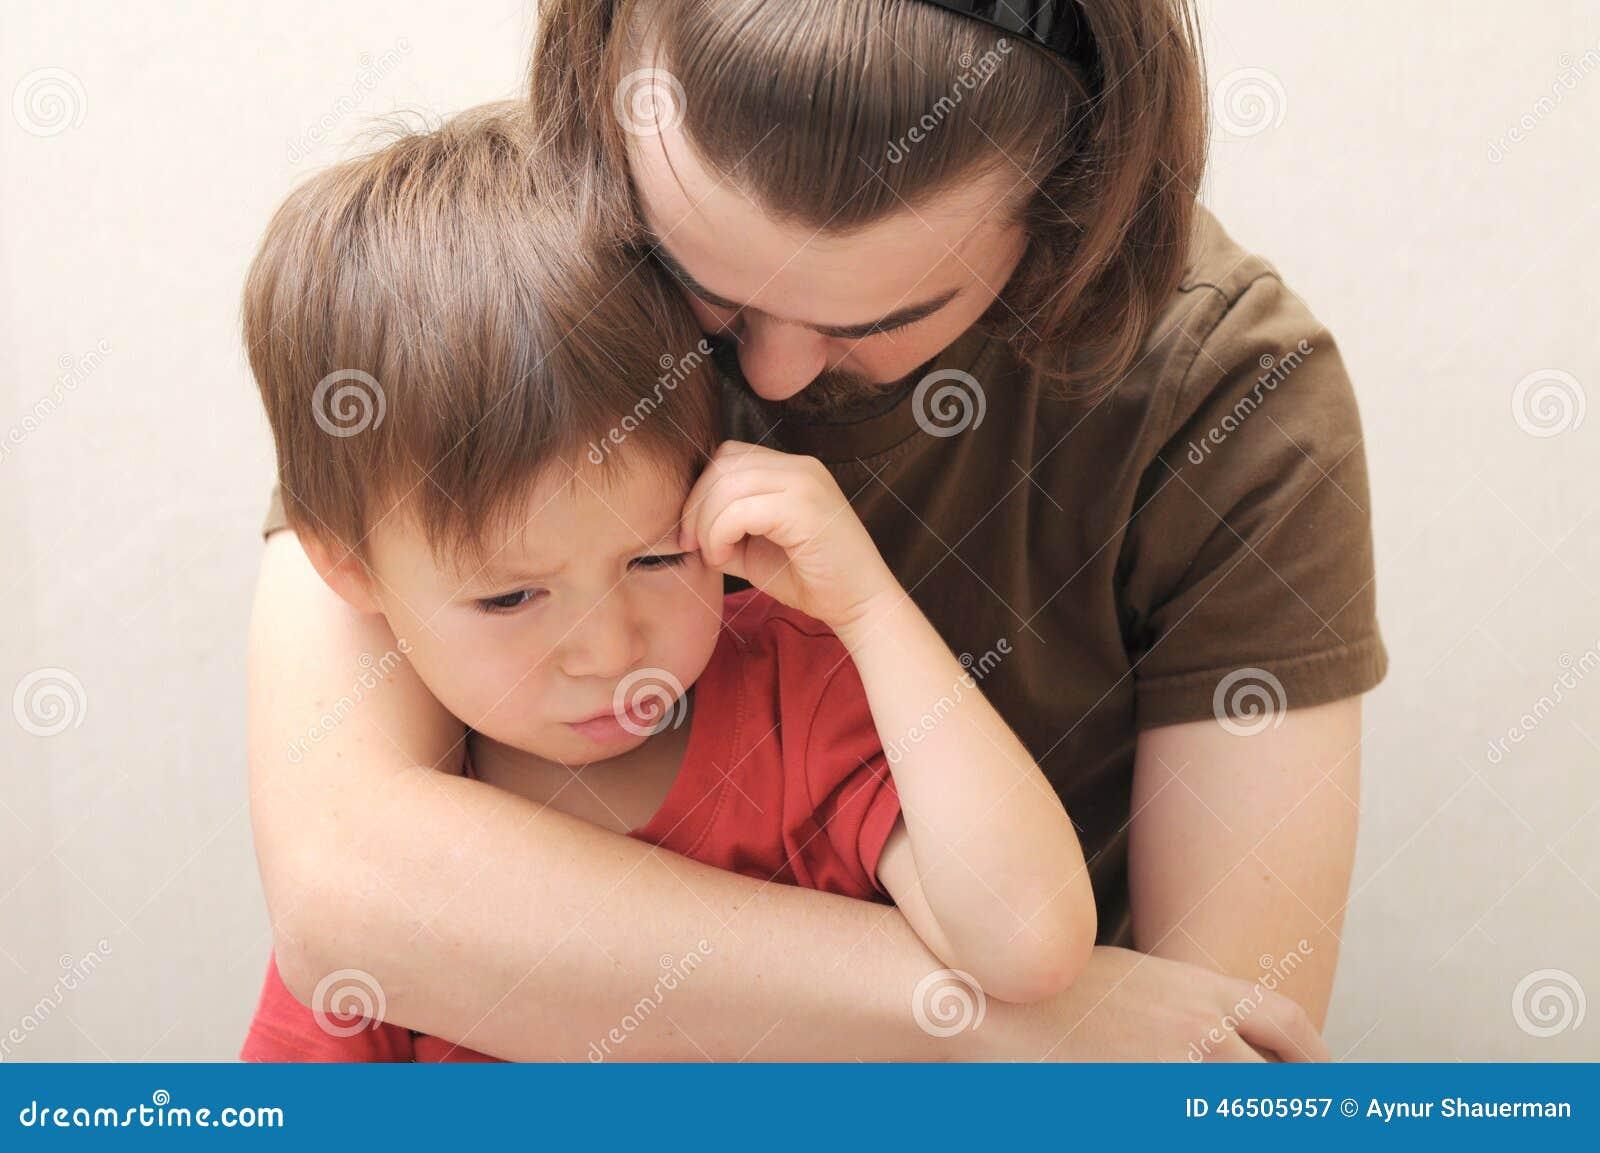 Сын сосает отца, Отец делает минет своему сыну 27 фотография